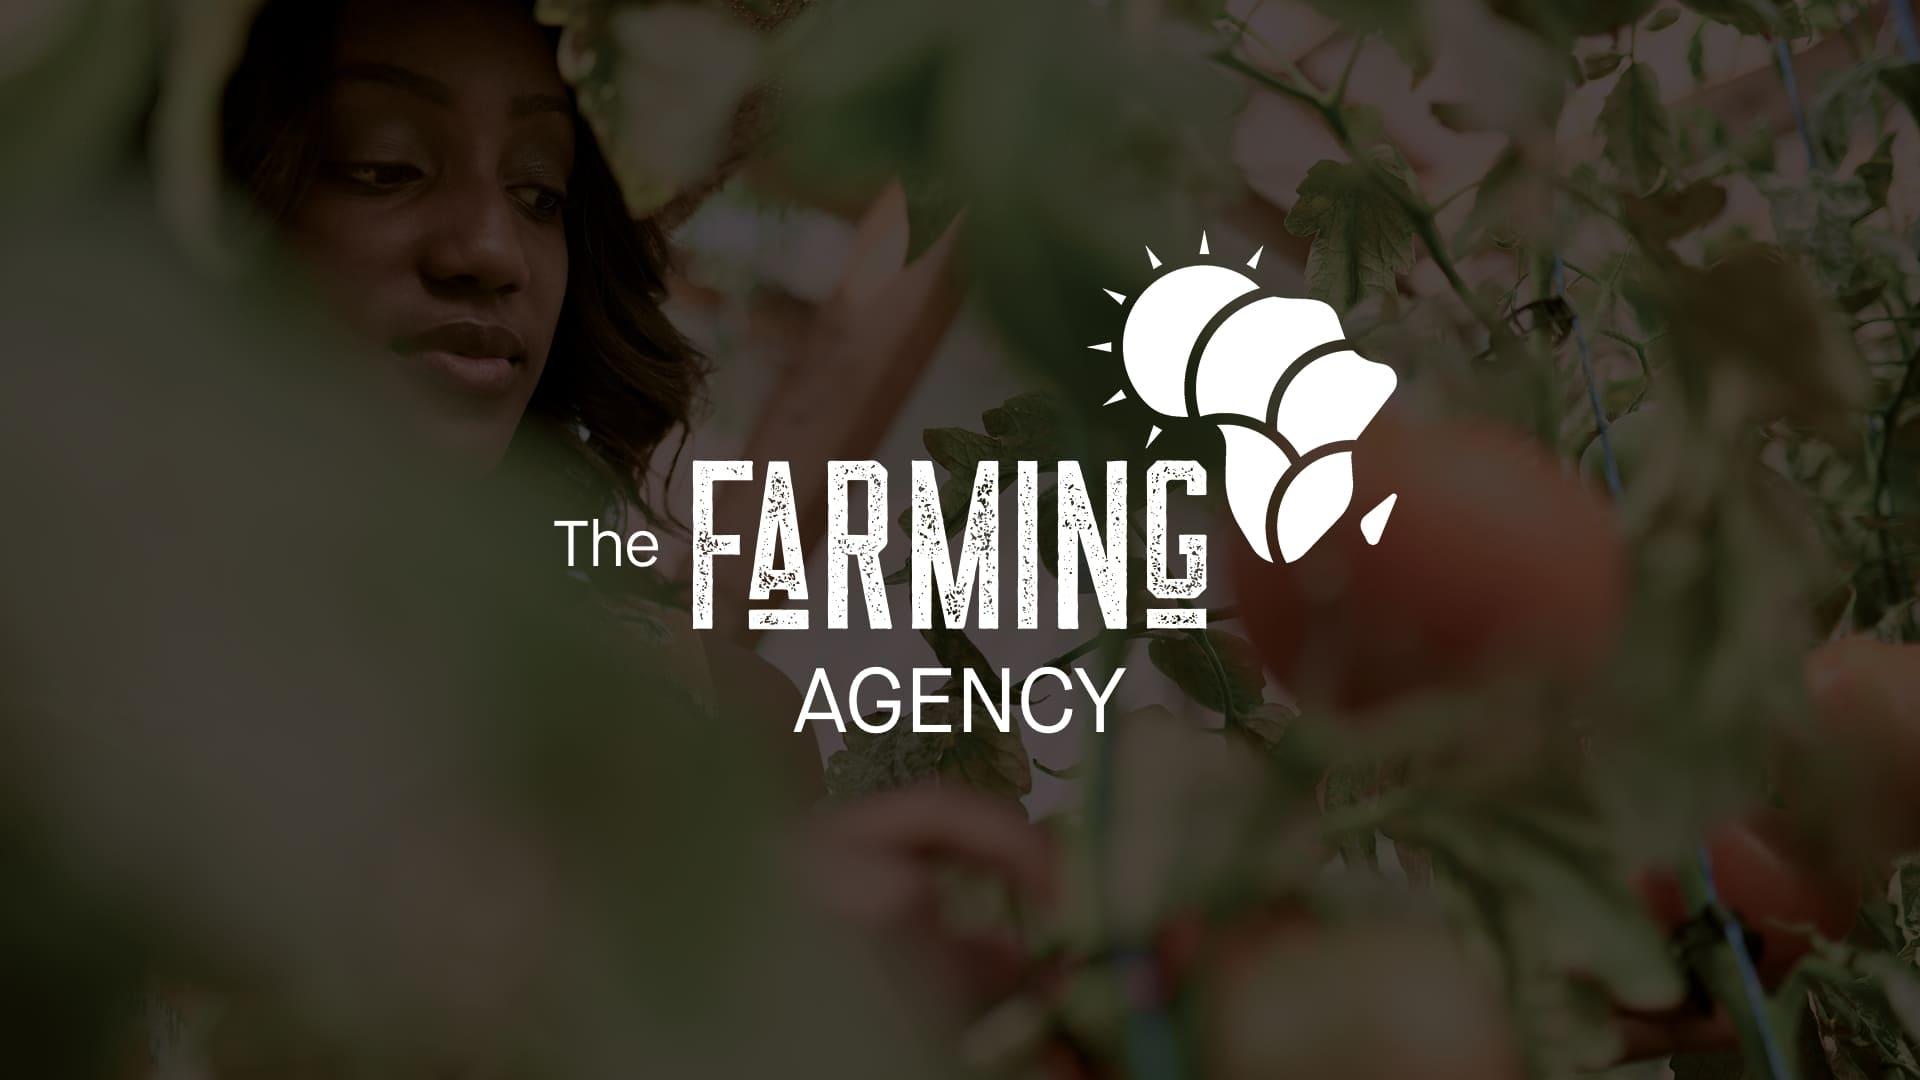 The Farmer Agency